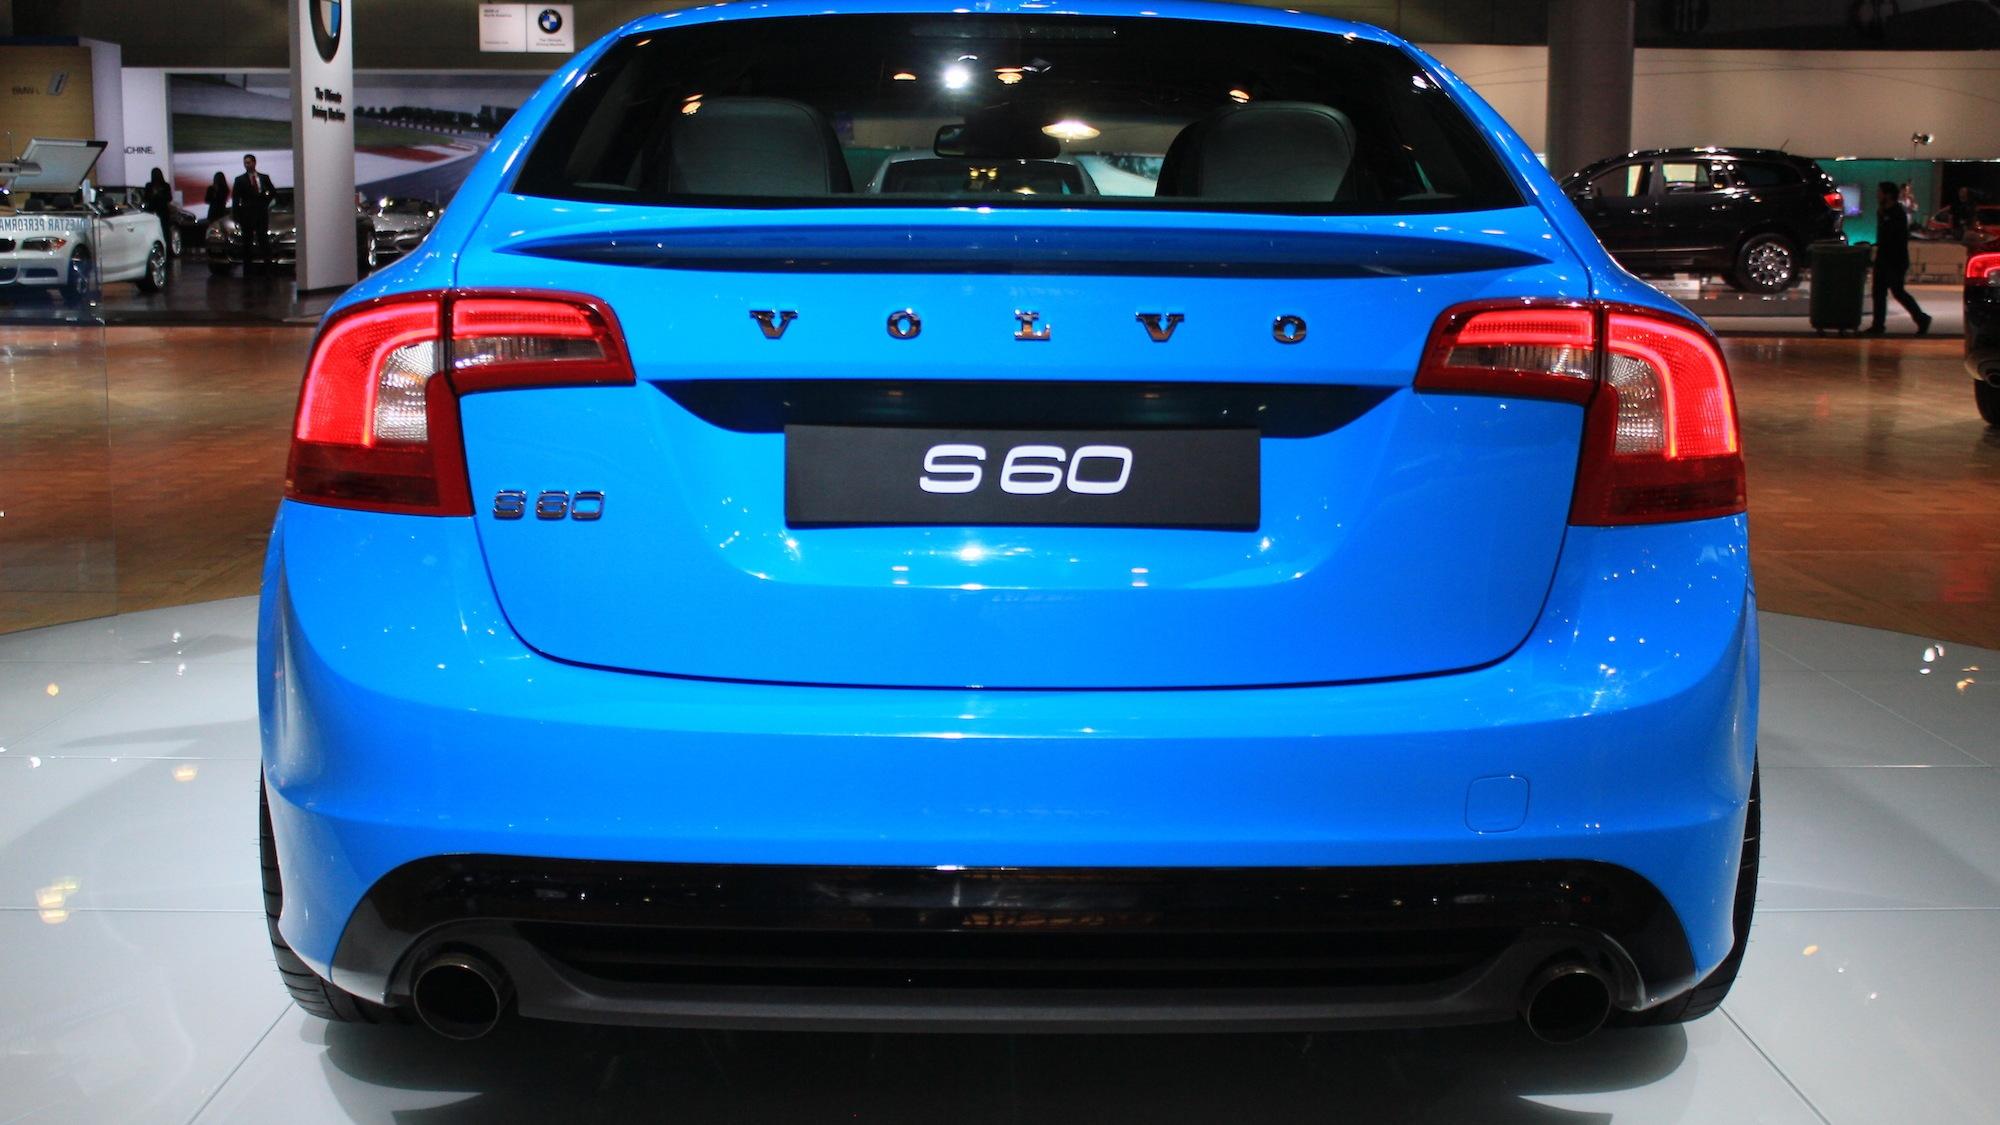 Volvo S60 Polestar Concept, 2012 L.A. Auto Show